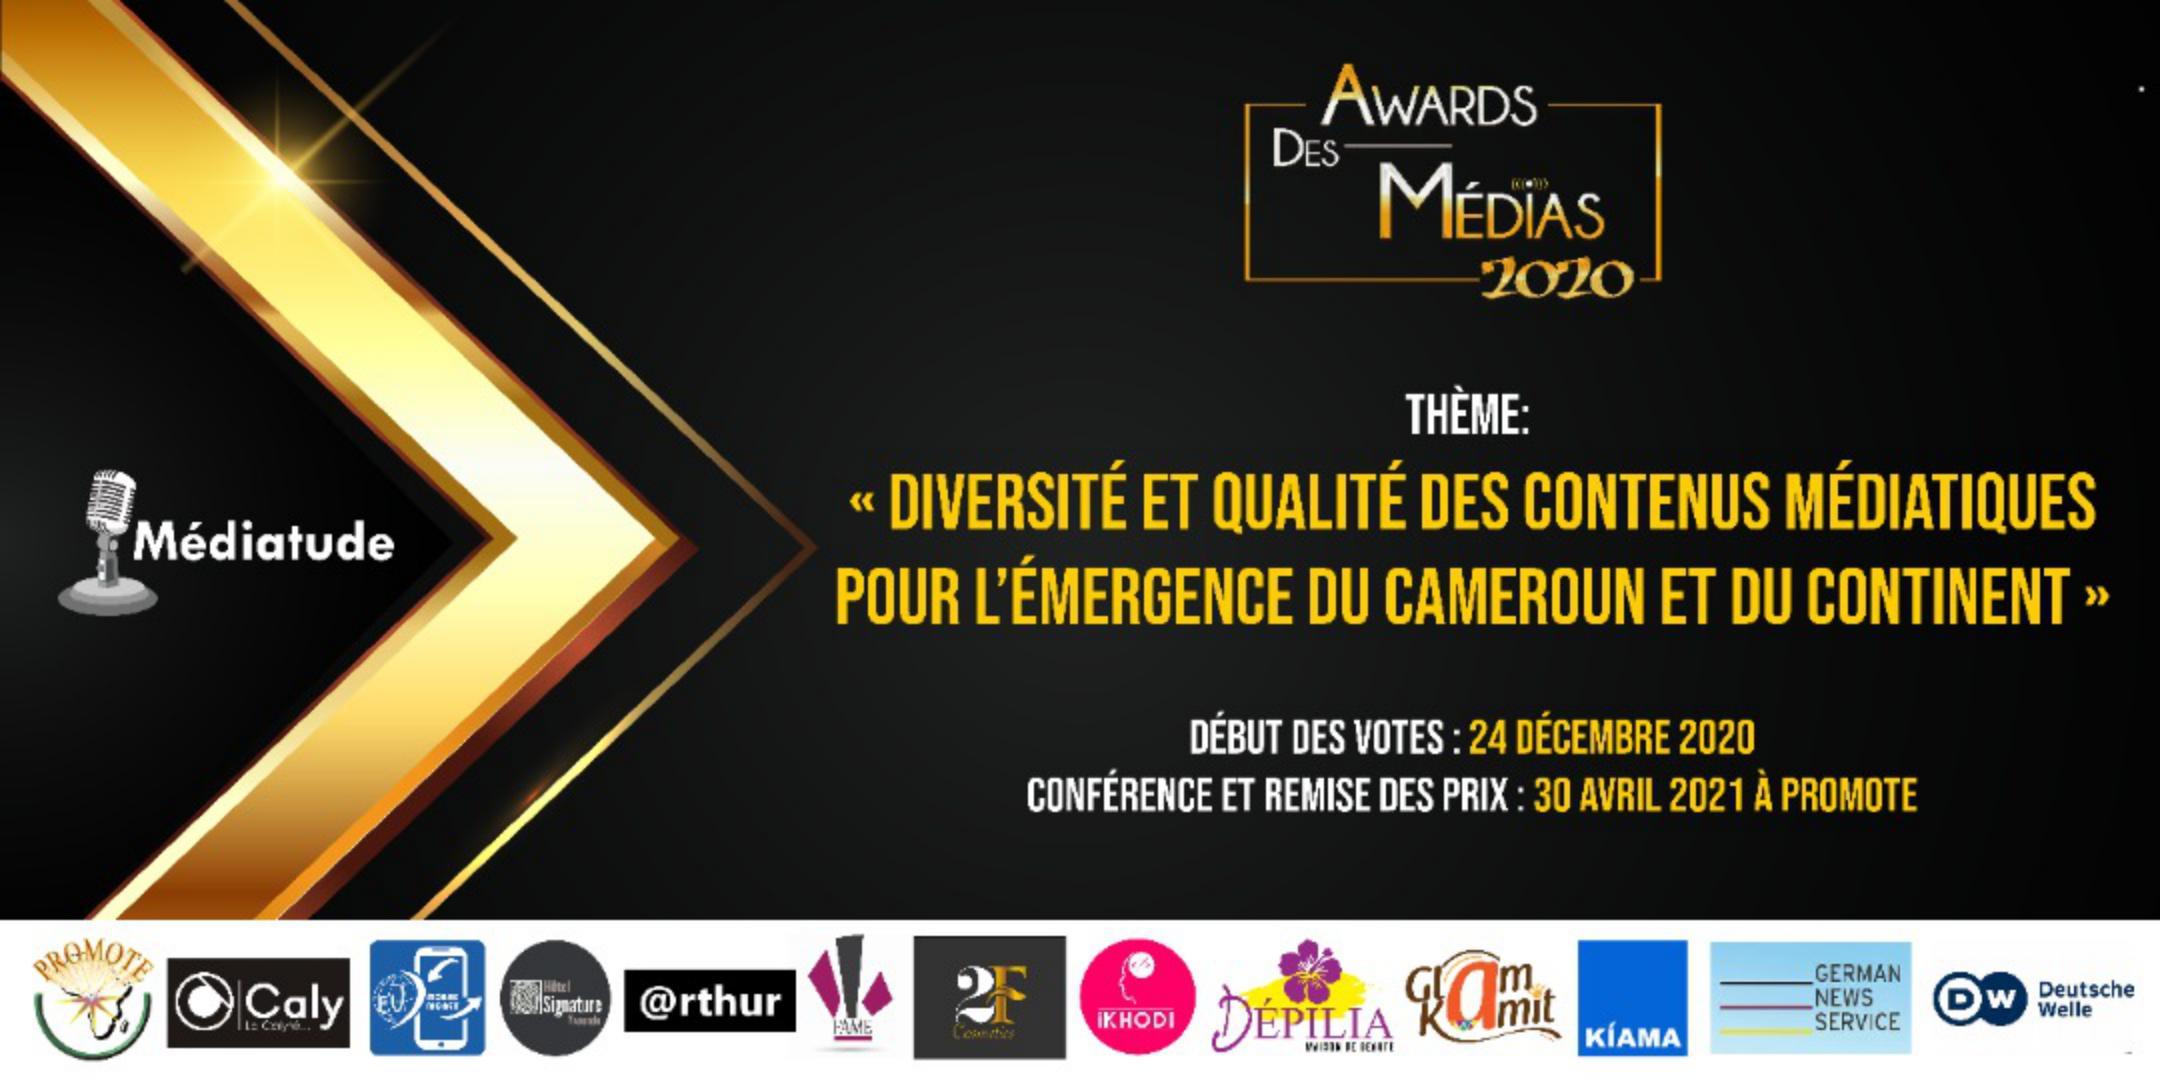 Règles d'attribution Awards des Médias 2020